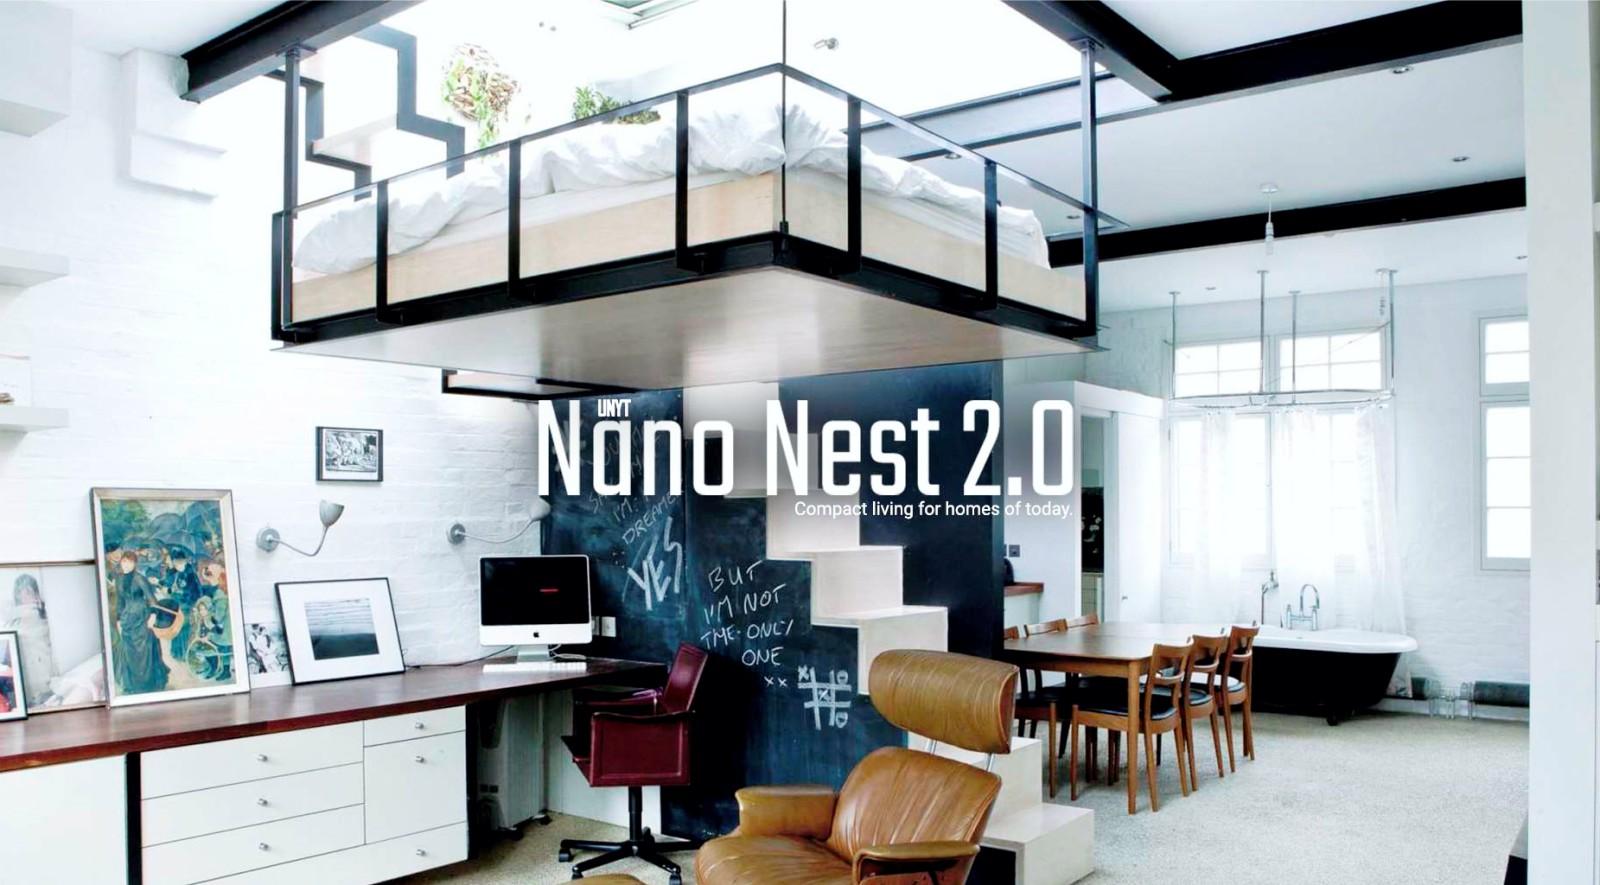 Nano Nest 2.0